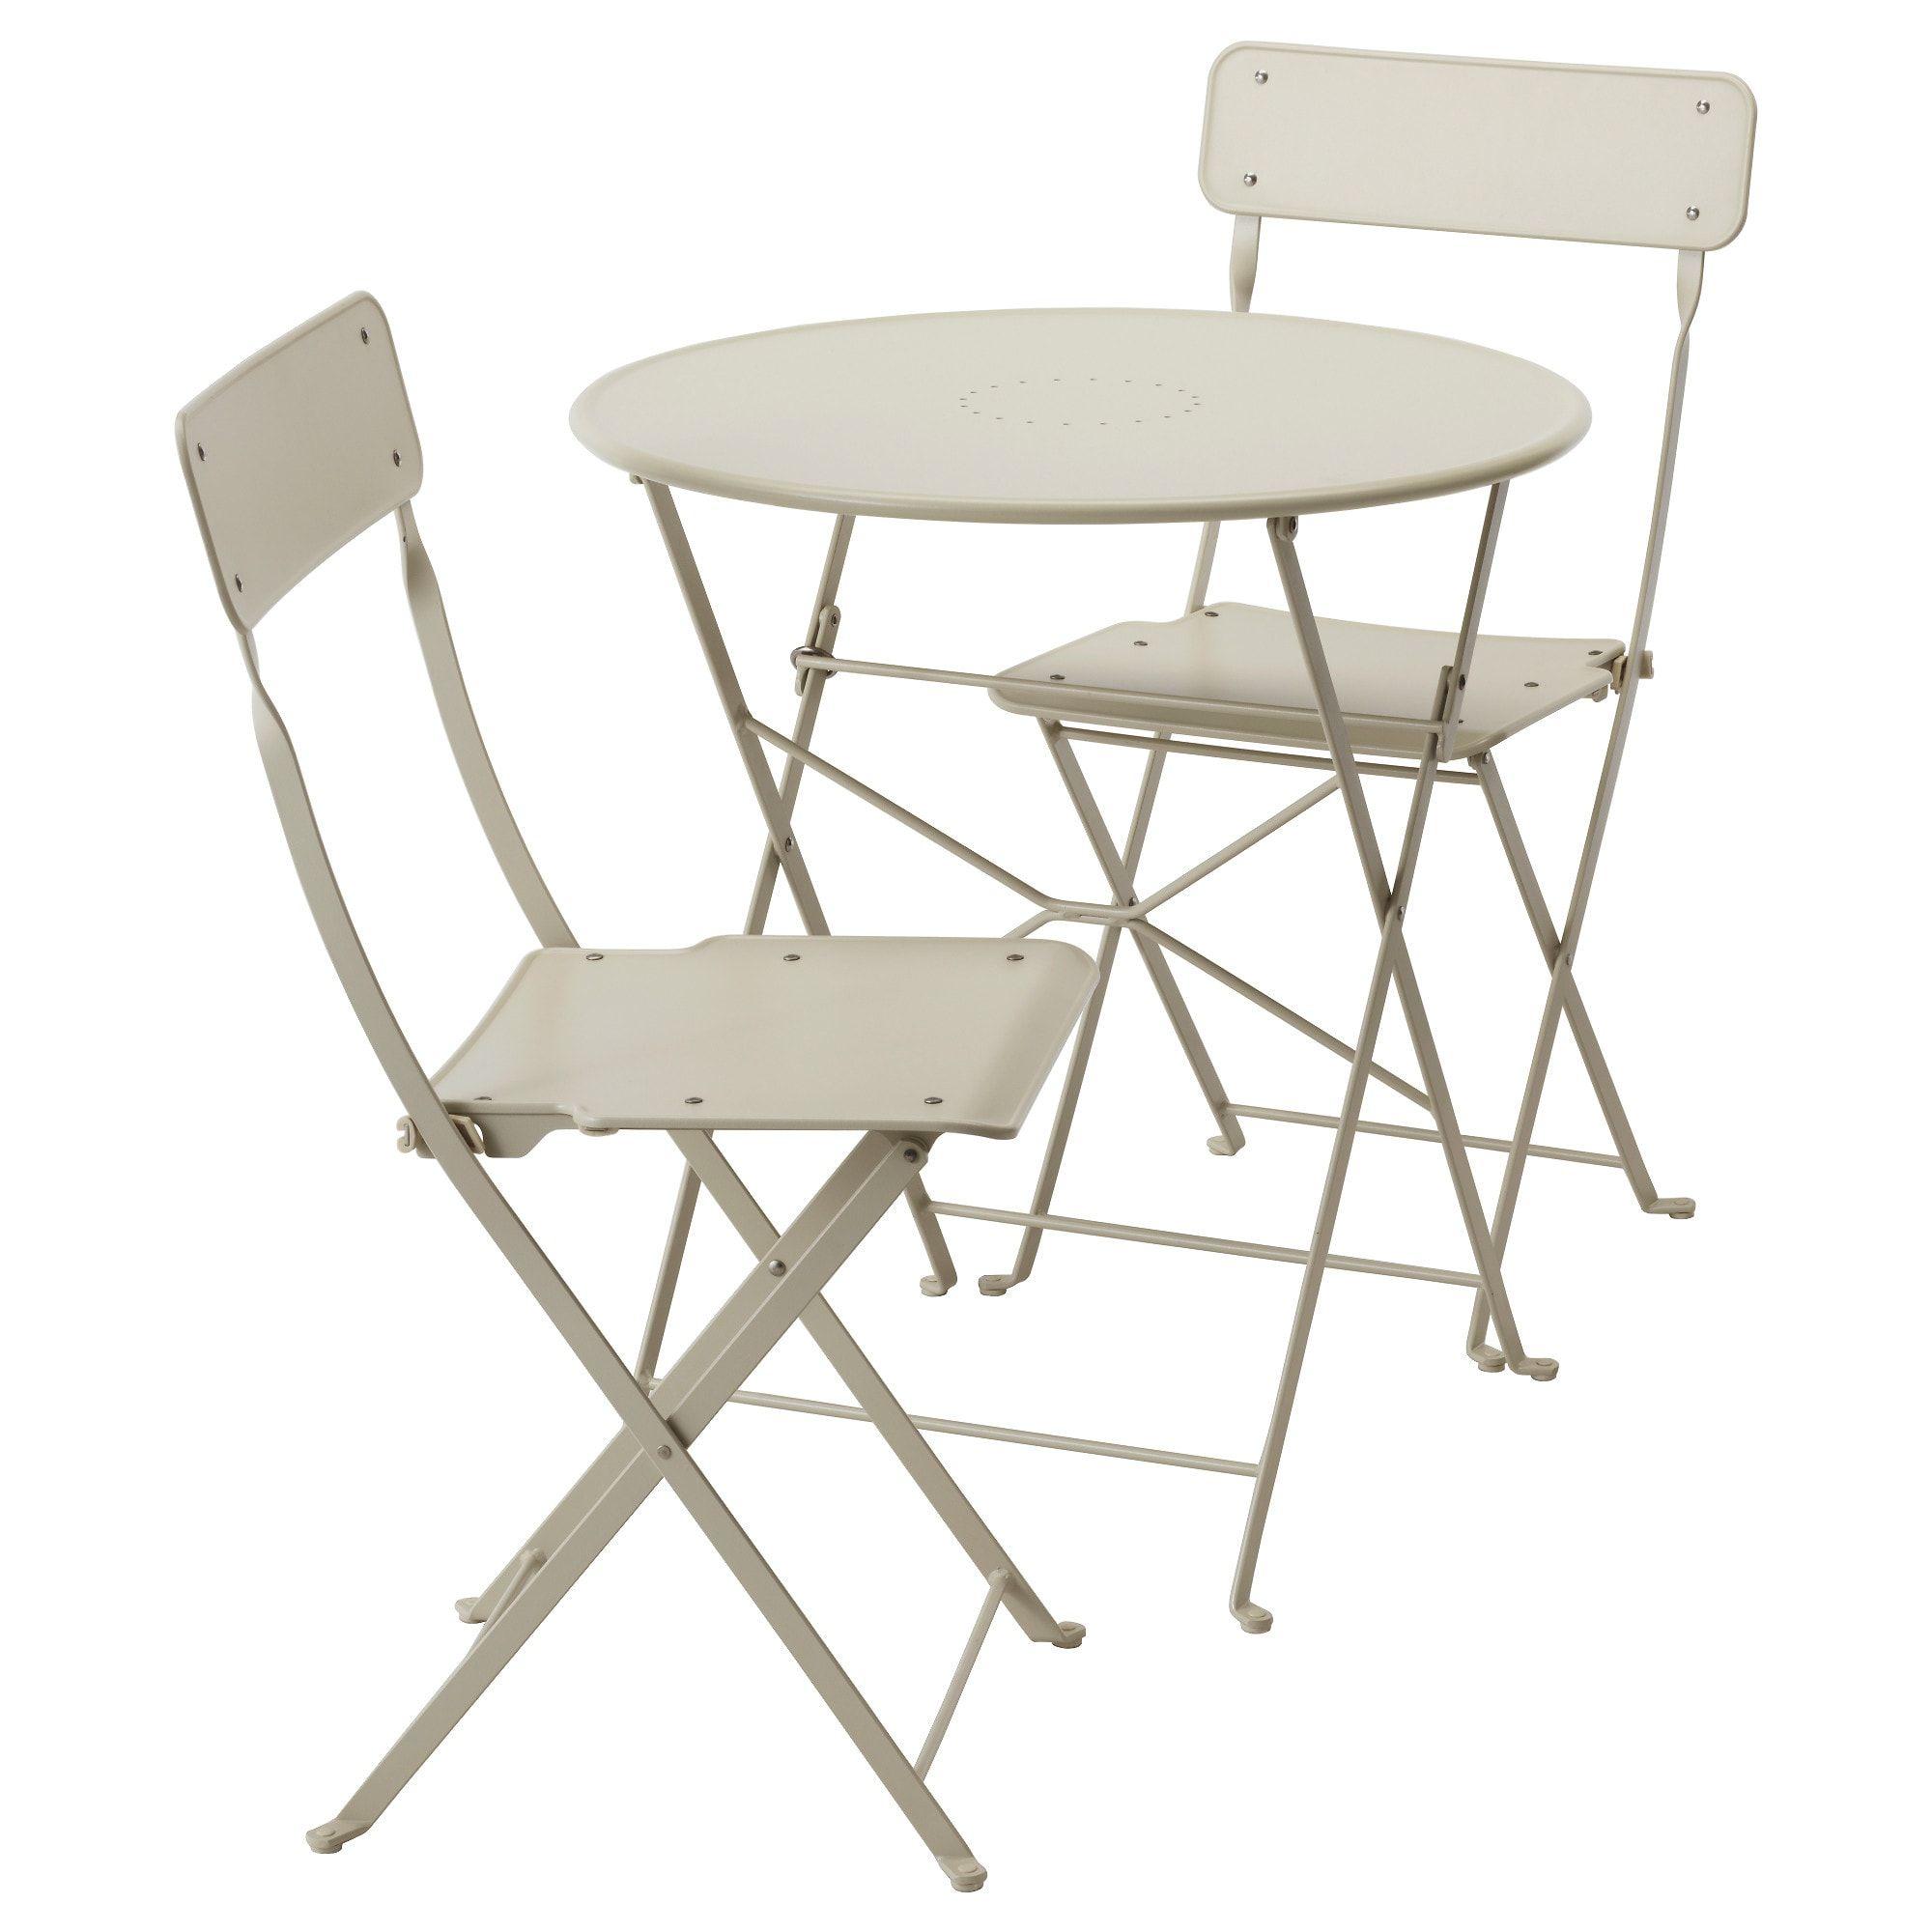 Tavolino Per Balcone Ikea saltholmen tavolo+2 sedie pieghevoli giardino - beige (con